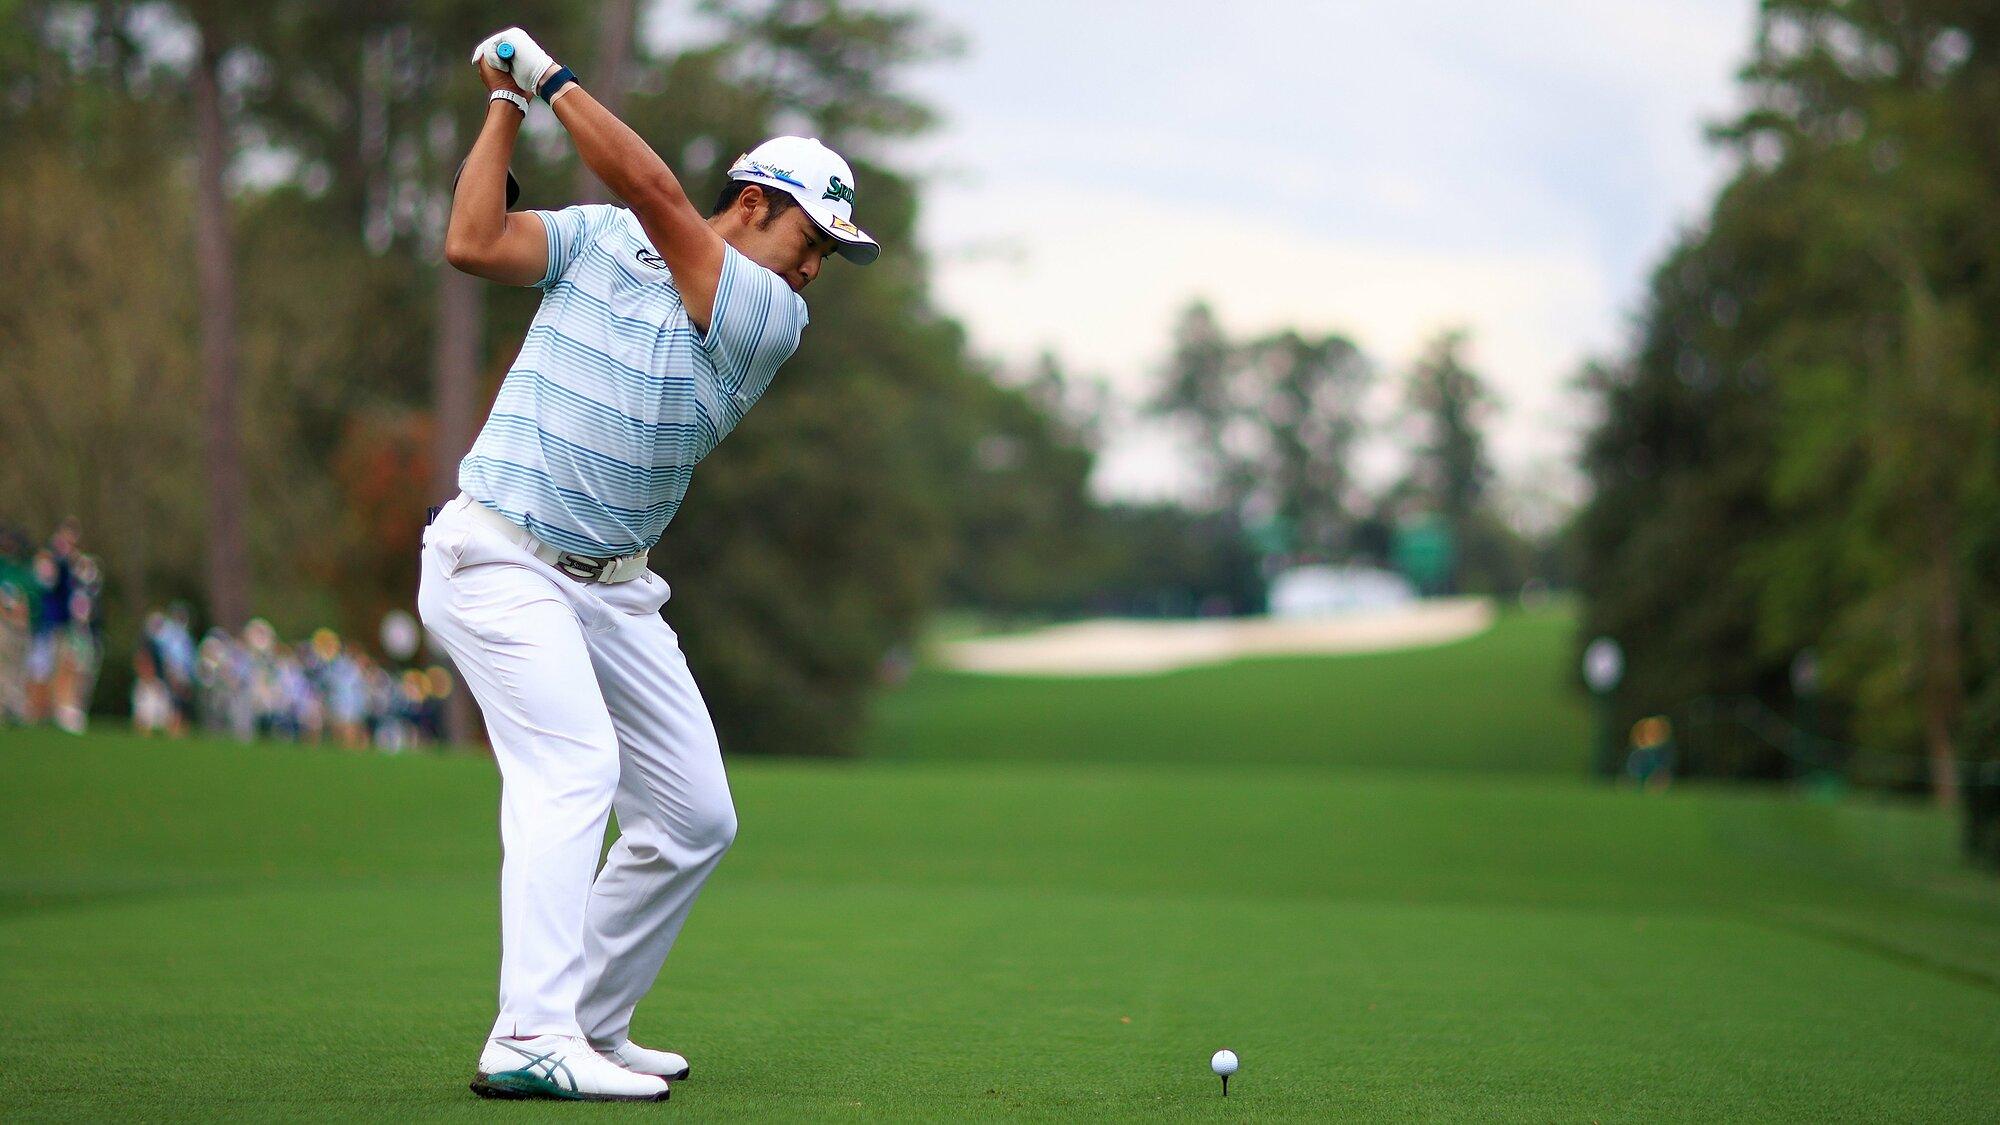 Matsuyama đứng trước cơ hội thành golfer Nhật đầu tiên đoạt một major. Ảnh: Masters